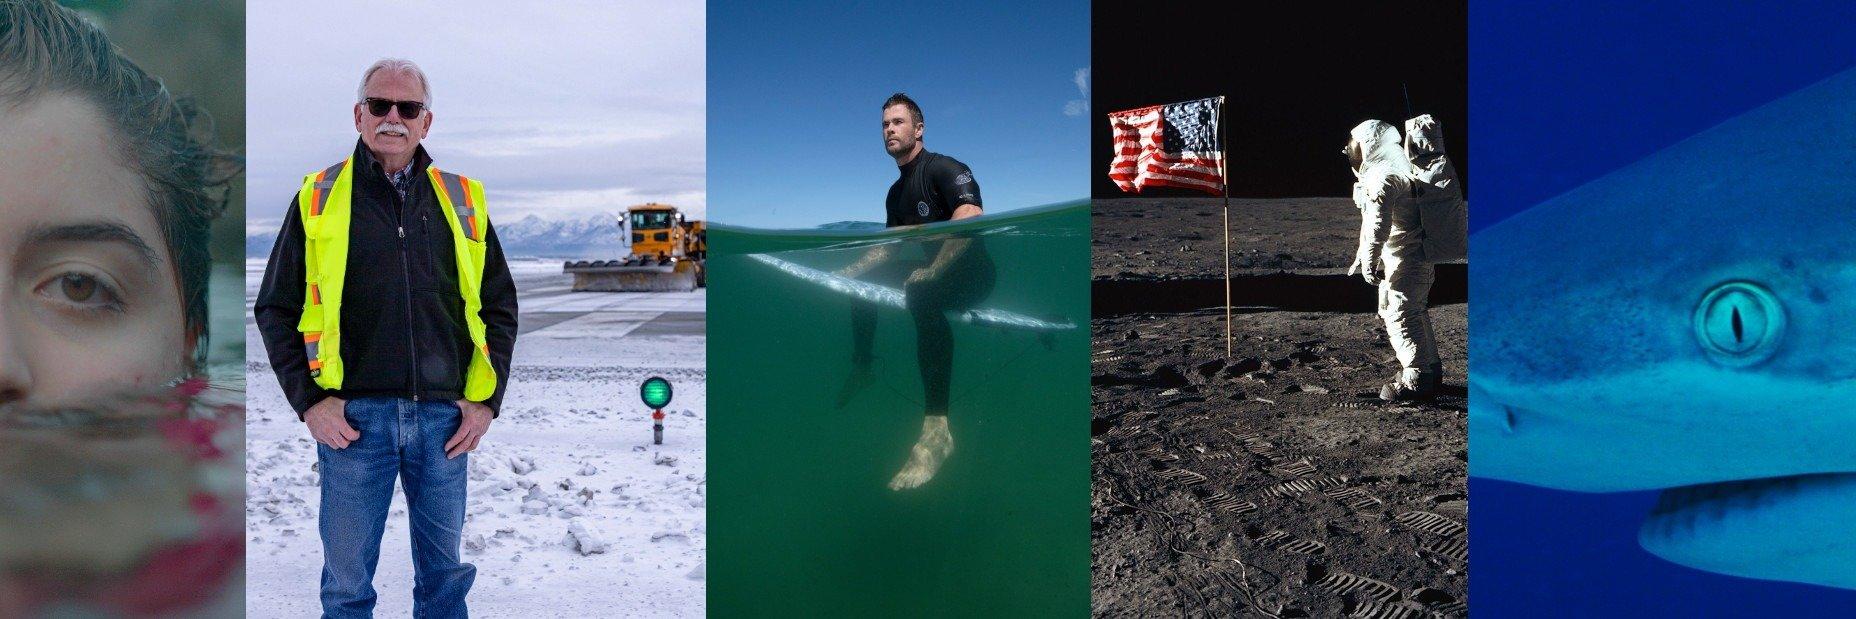 Świat inspirujących ludzi oraz intrygujących stworzeń, w lipcu na antenie National Geographic, Nat Geo People i National Geographic Wild